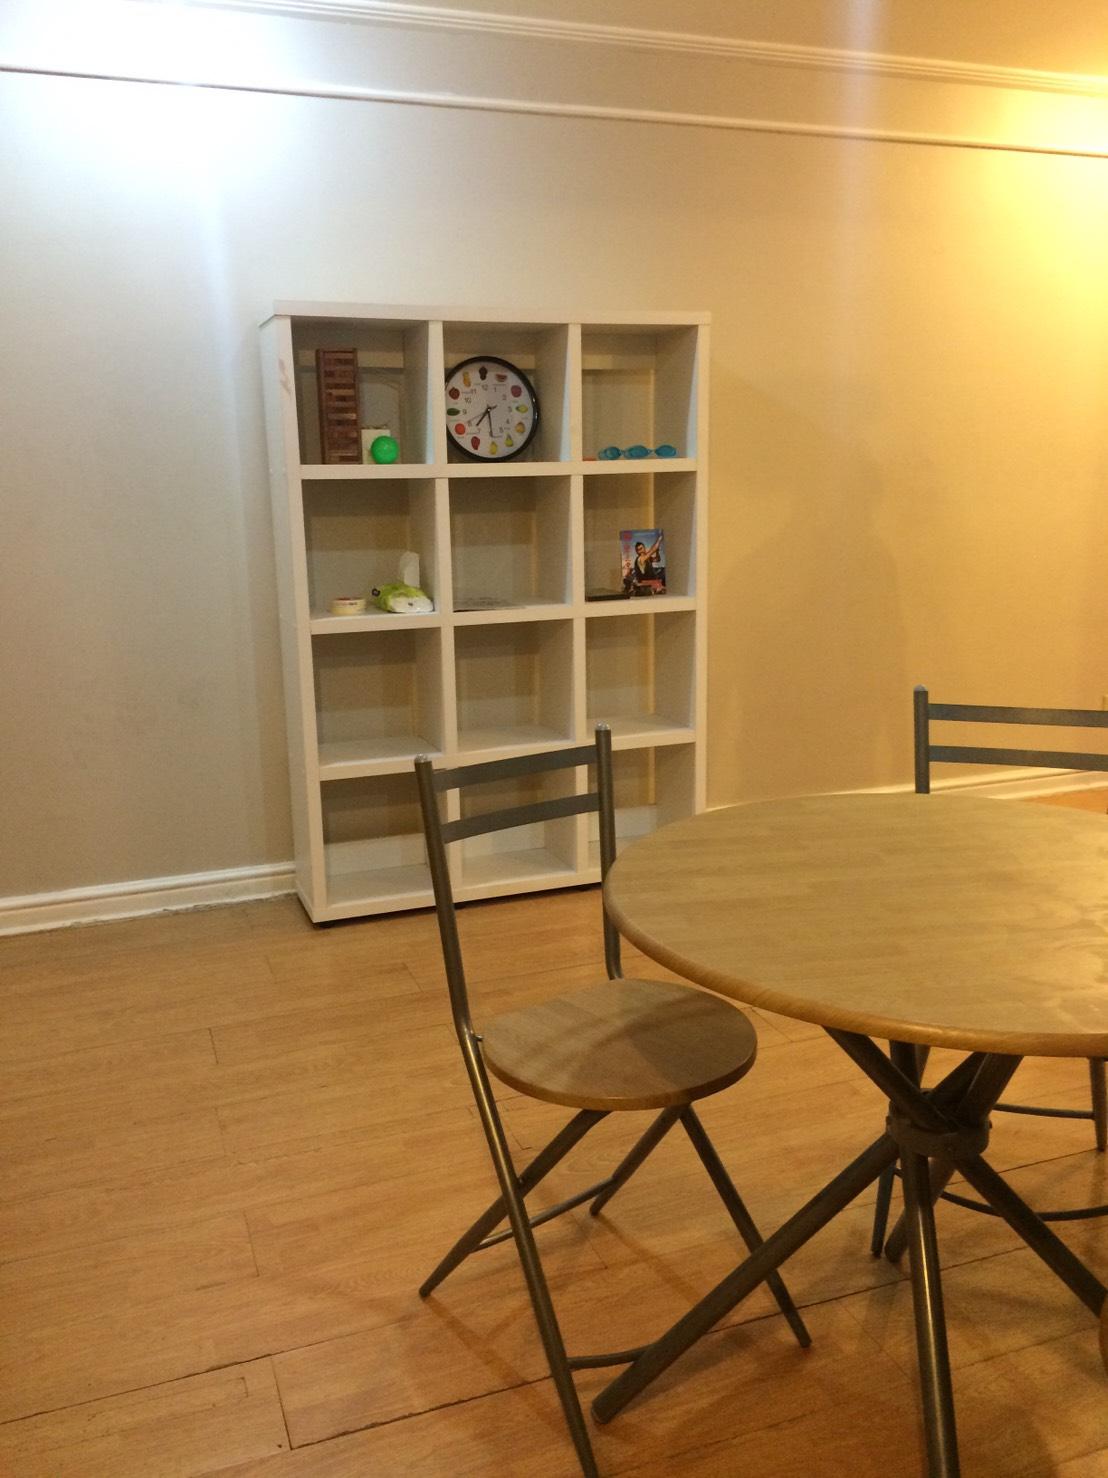 RE/MAX Properties Agency's RENT 1 Bedroom 47 Sq.m Baan Suk San 2